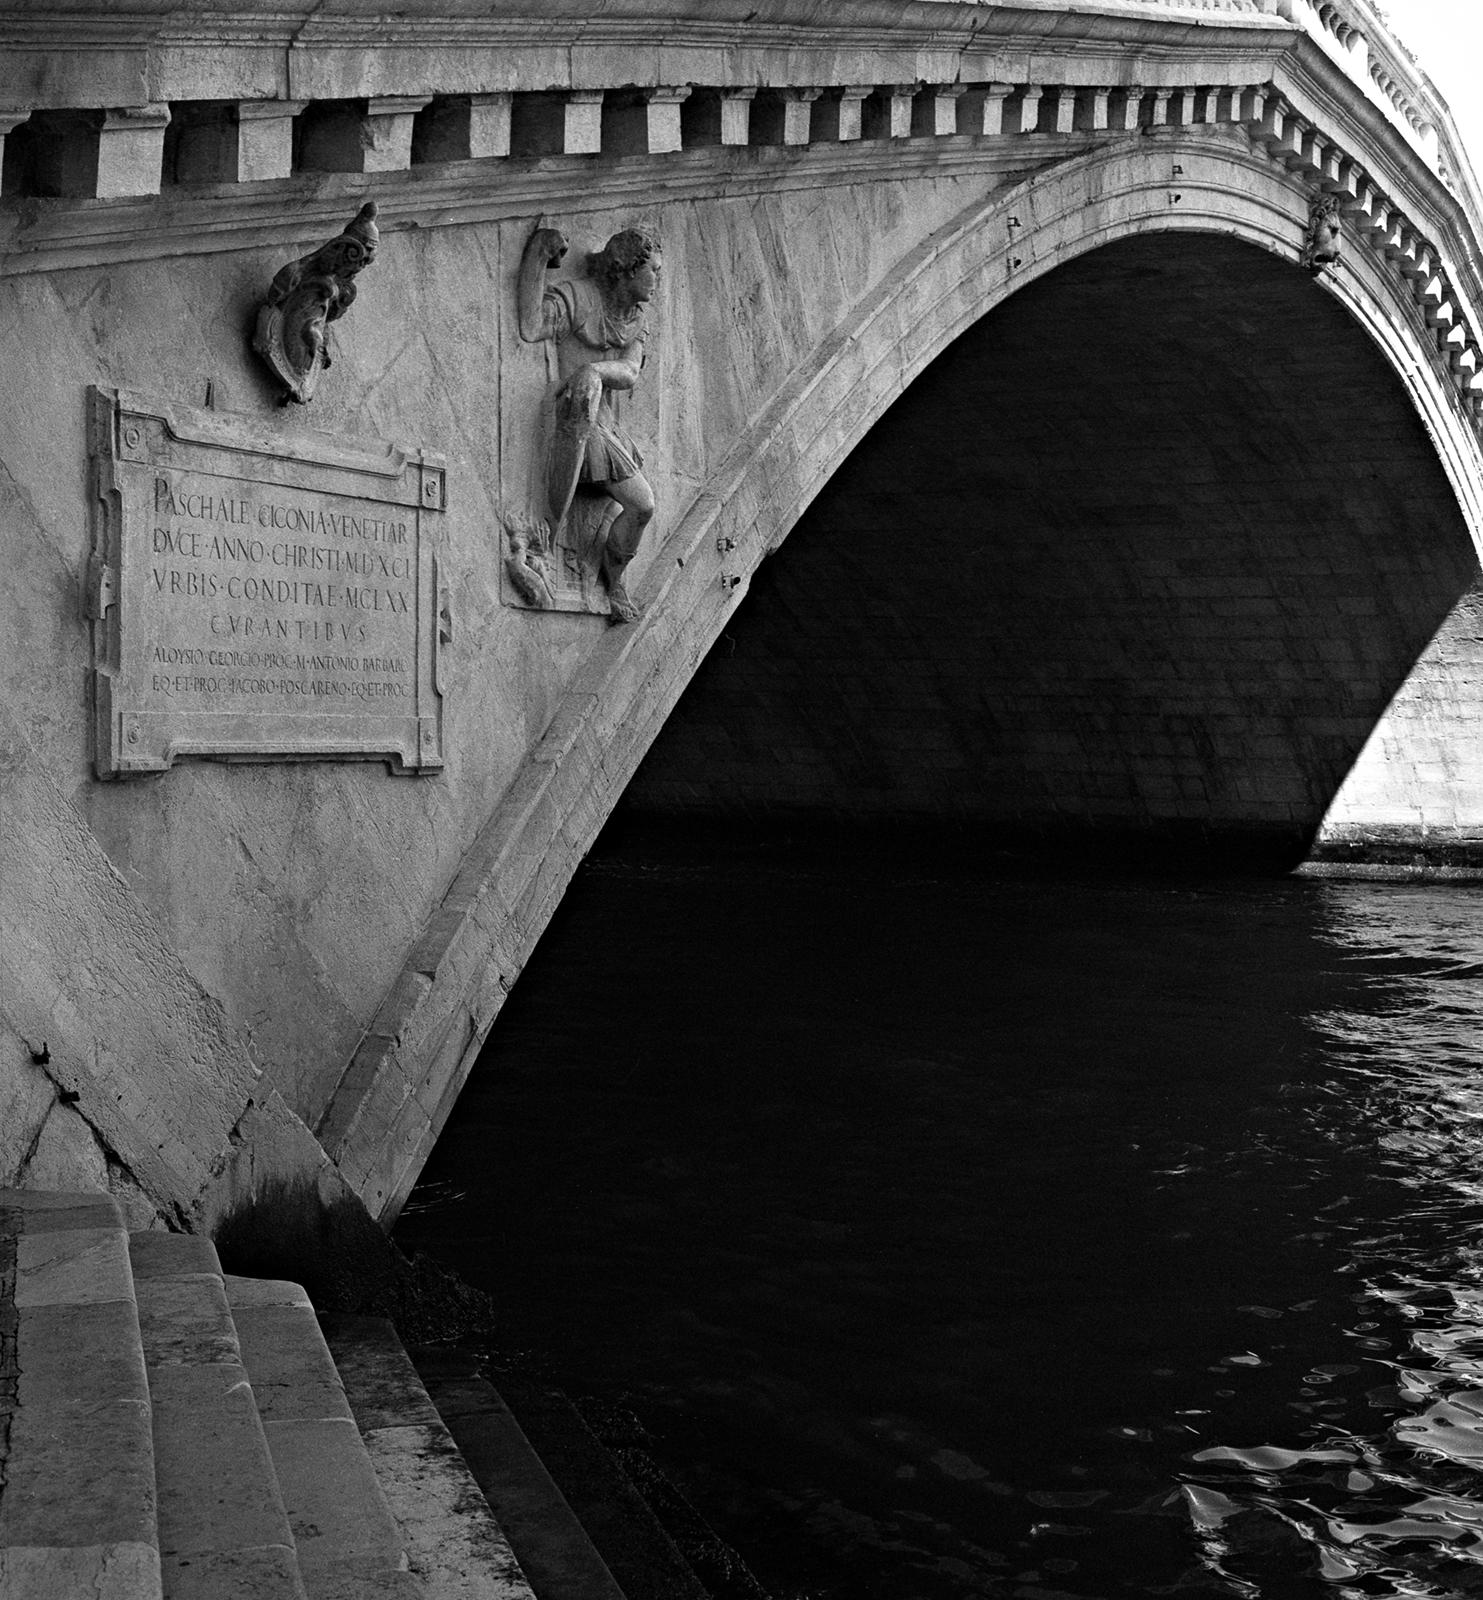 Venice-r4-008.jpg